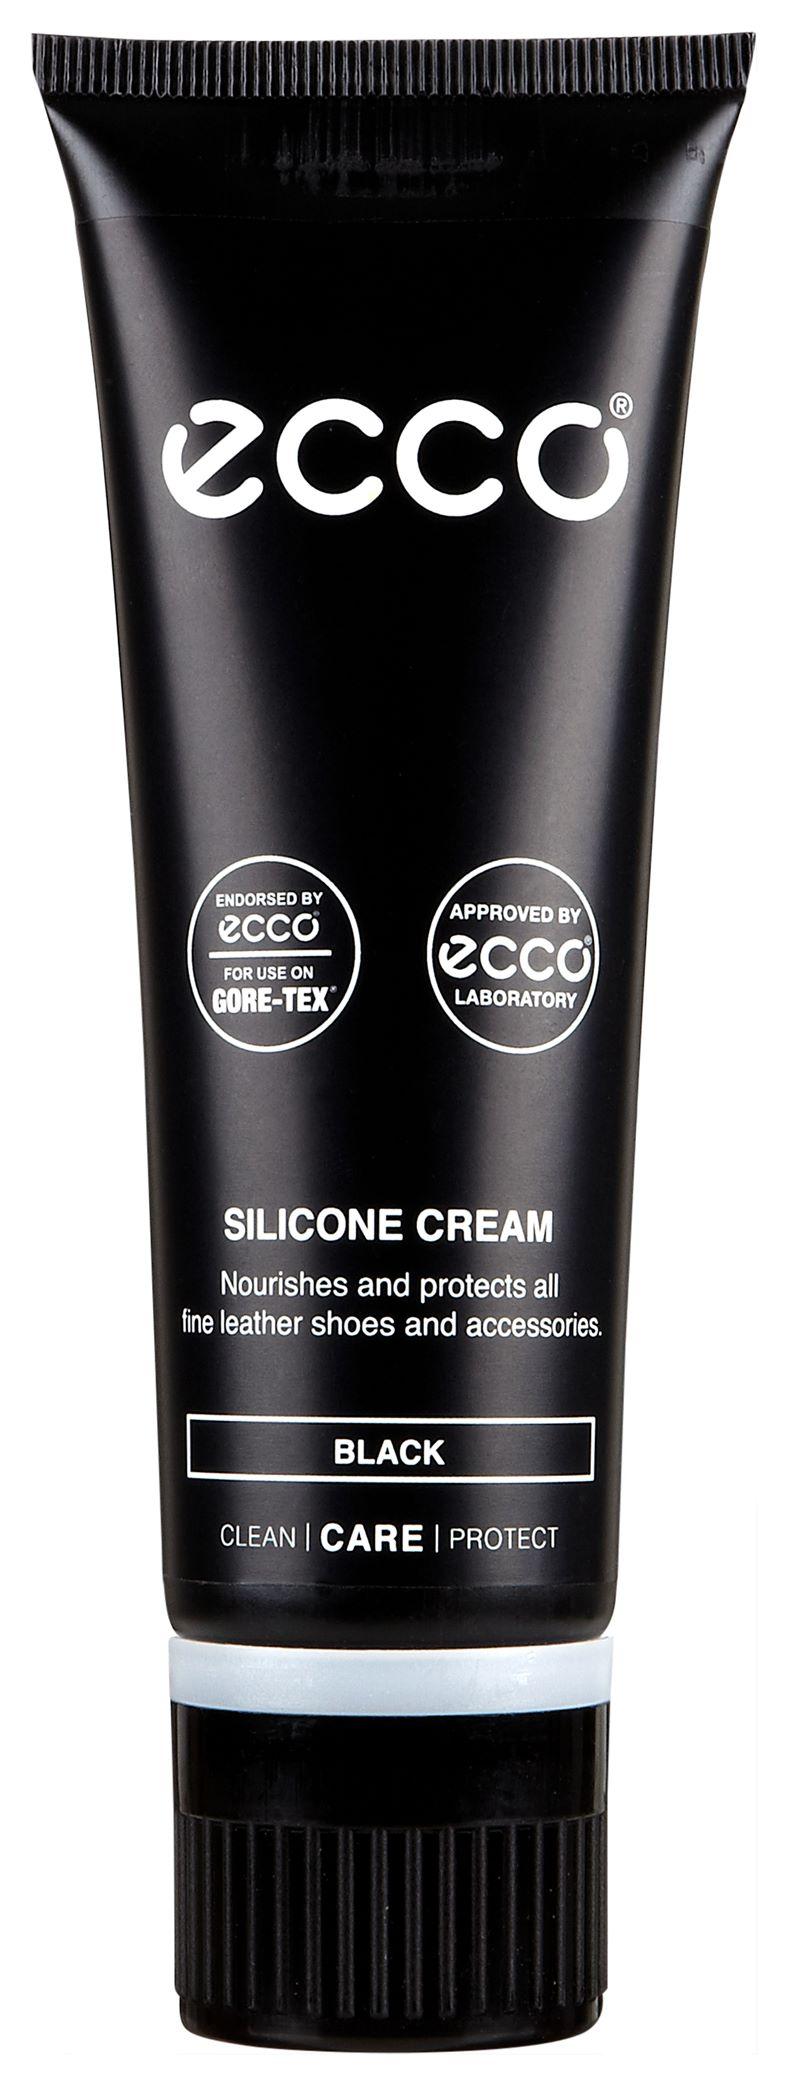 Silicone Cream (Black)